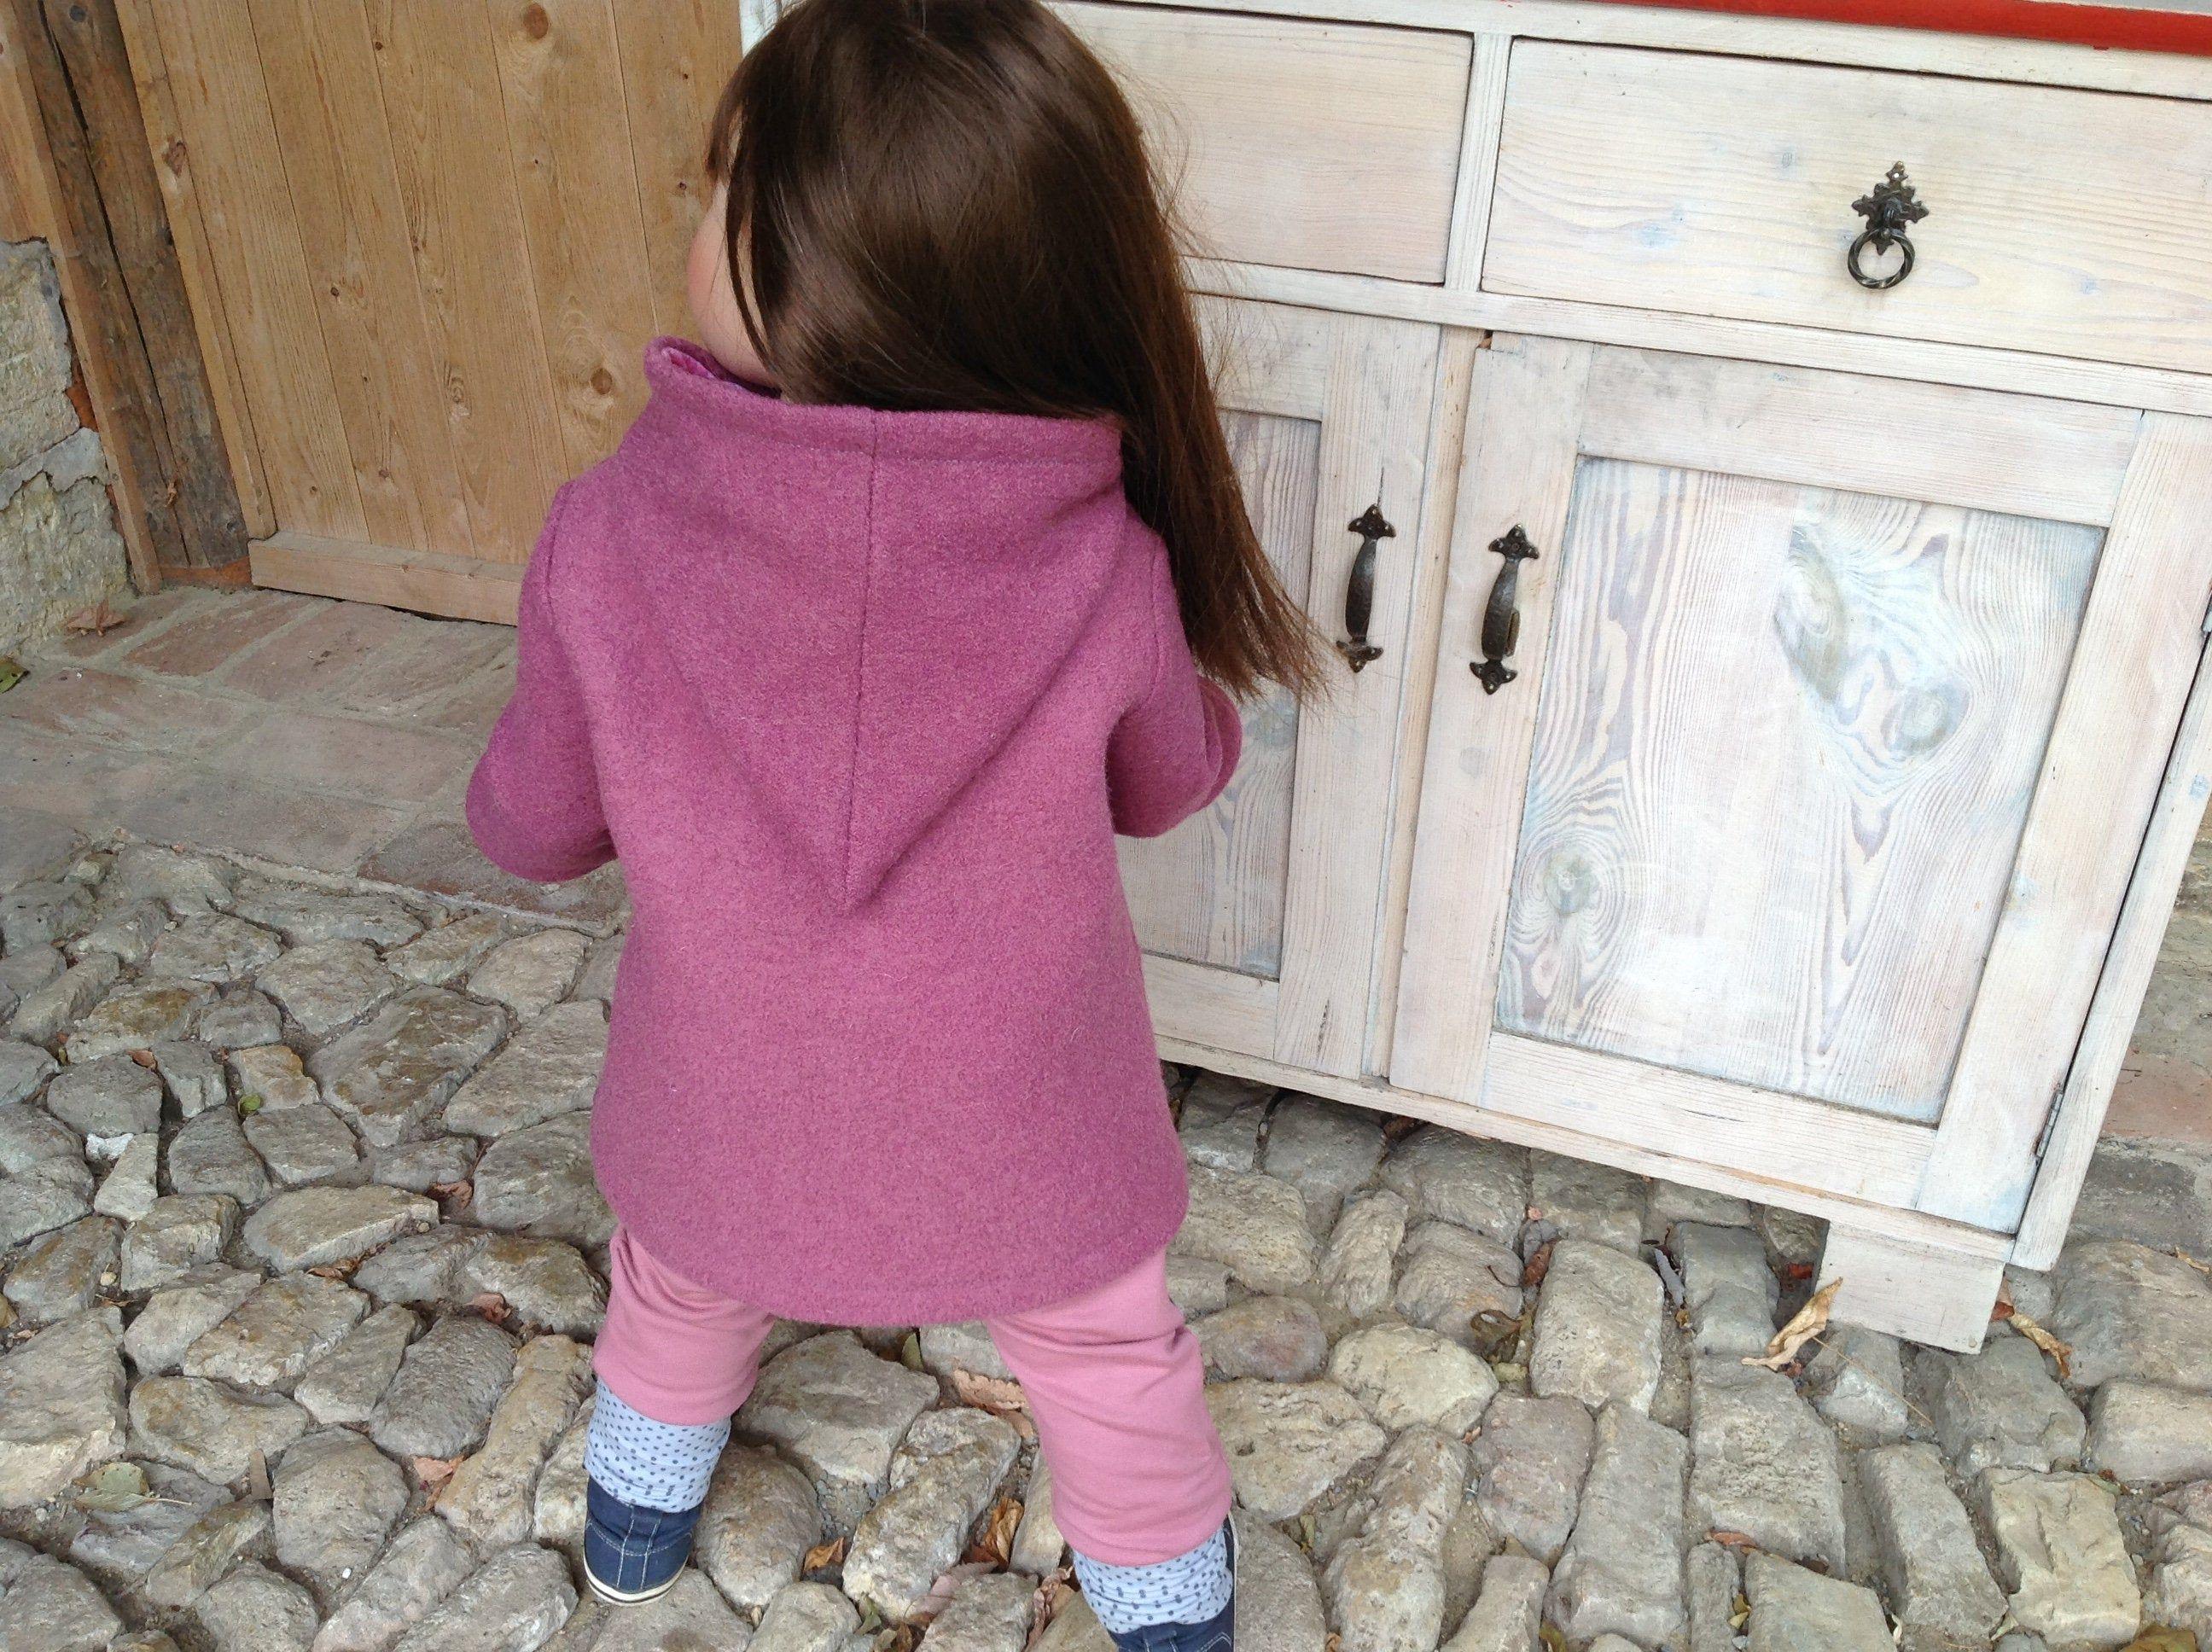 Kurzmantel In Altrosa Egg Shape Mantel Mit Stulpenarmeln Als Ubergangsmantel Egg Shape Coat As Between S Mit Bildern Ubergangsmantel Damen Kleidung Schnittmuster Jacke